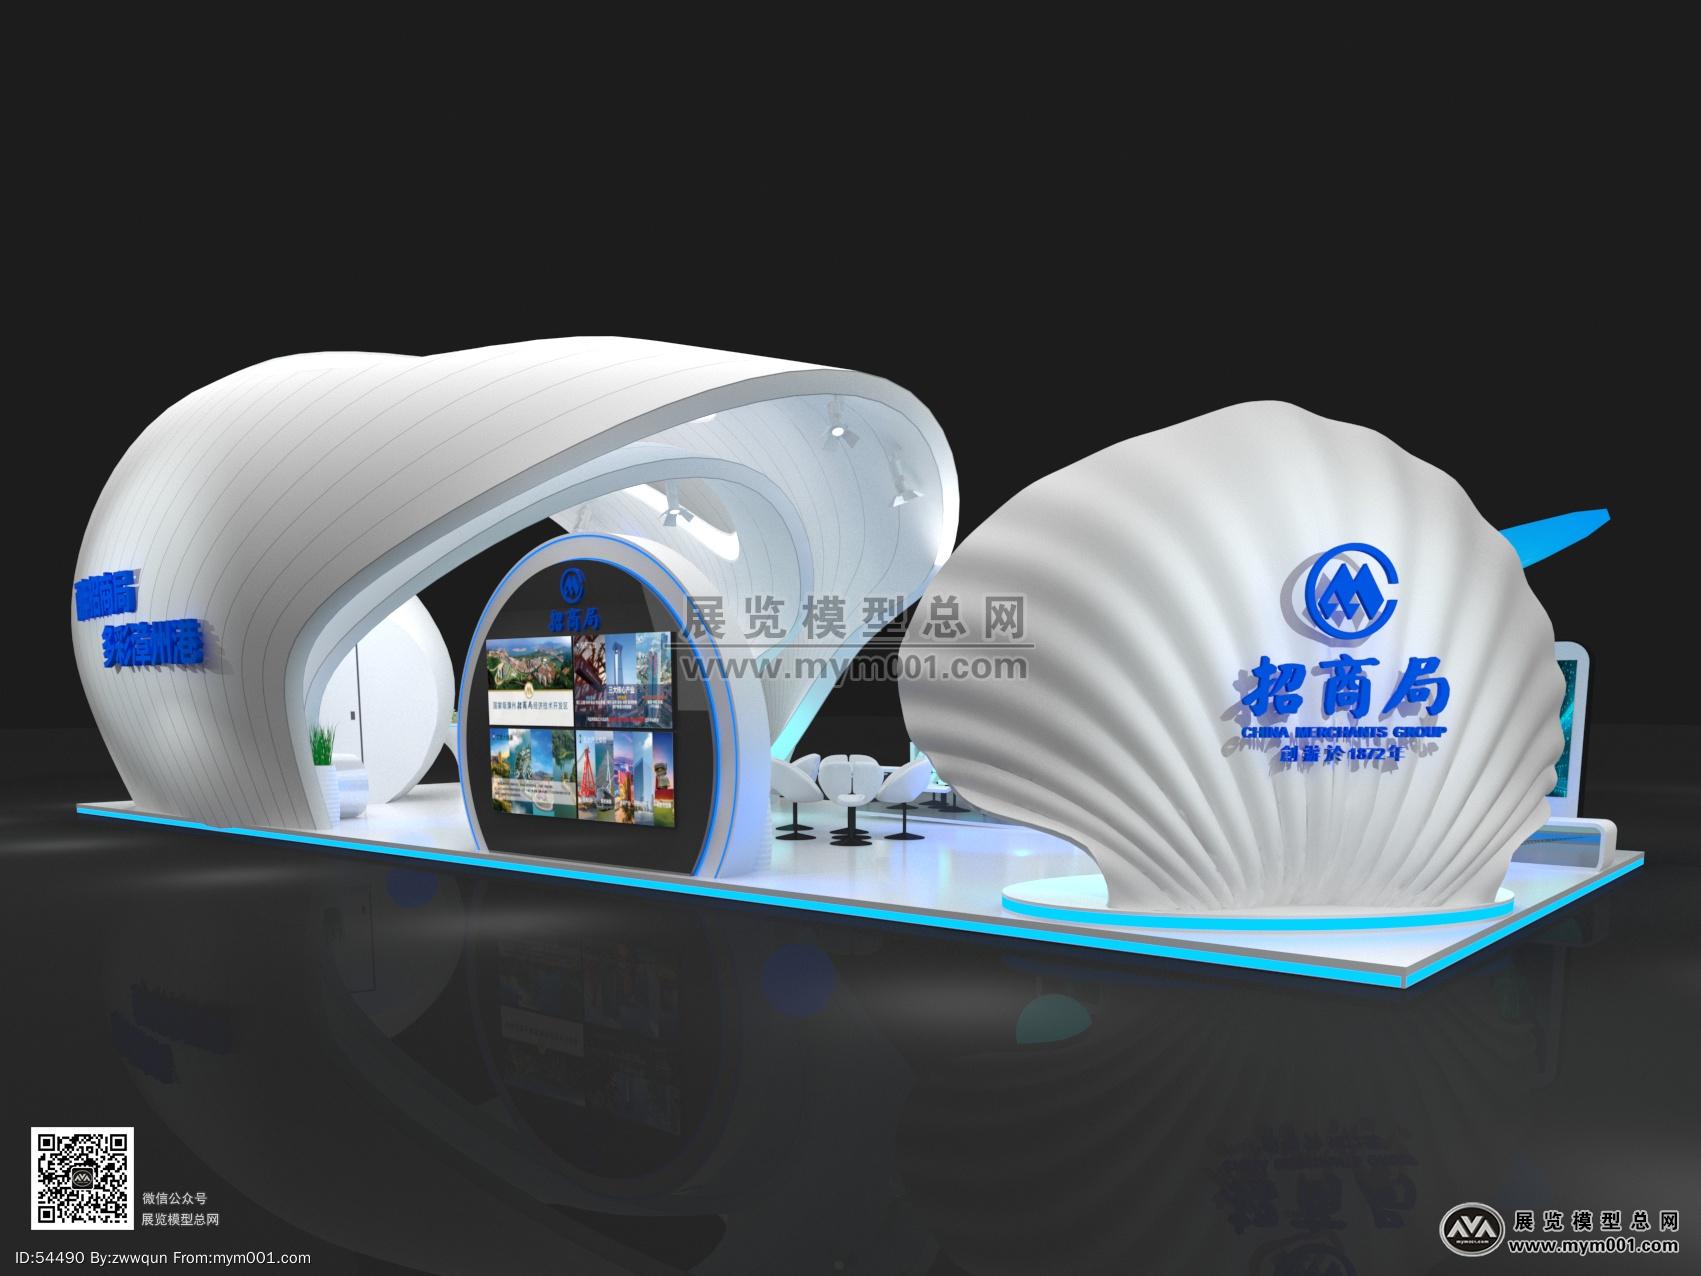 招商局展览模型